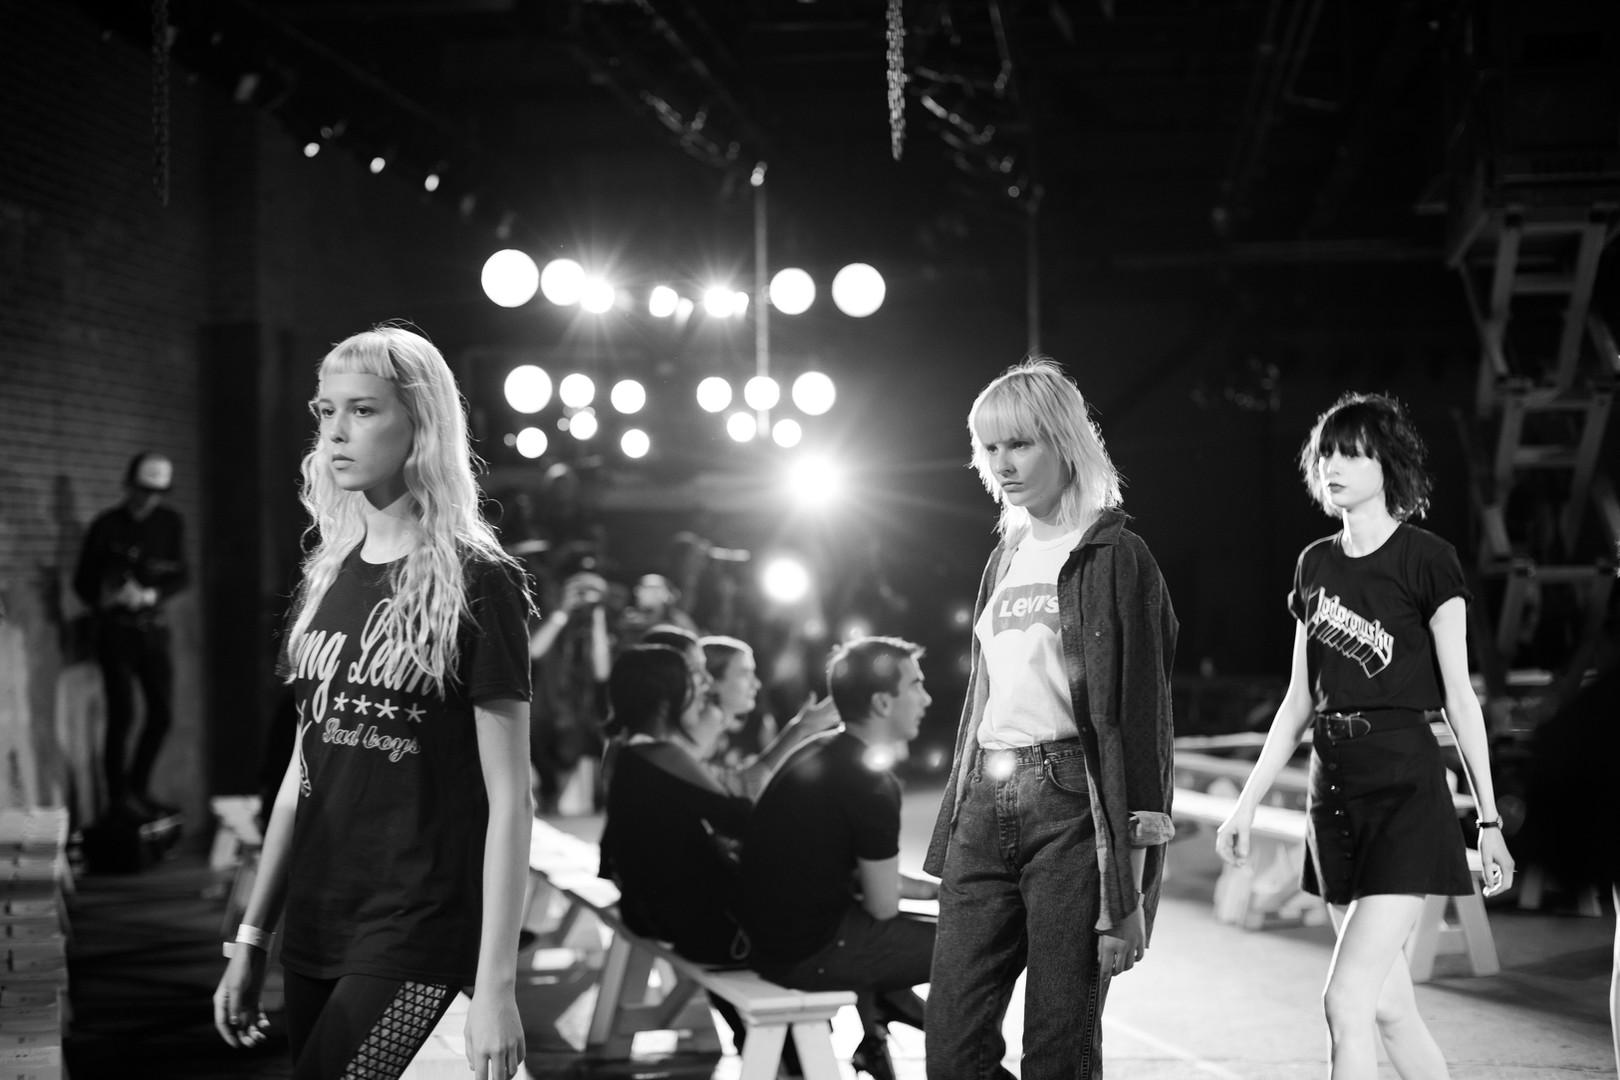 NYFW Monse Maison/Backstage Hudson Mercantile, NY 2016